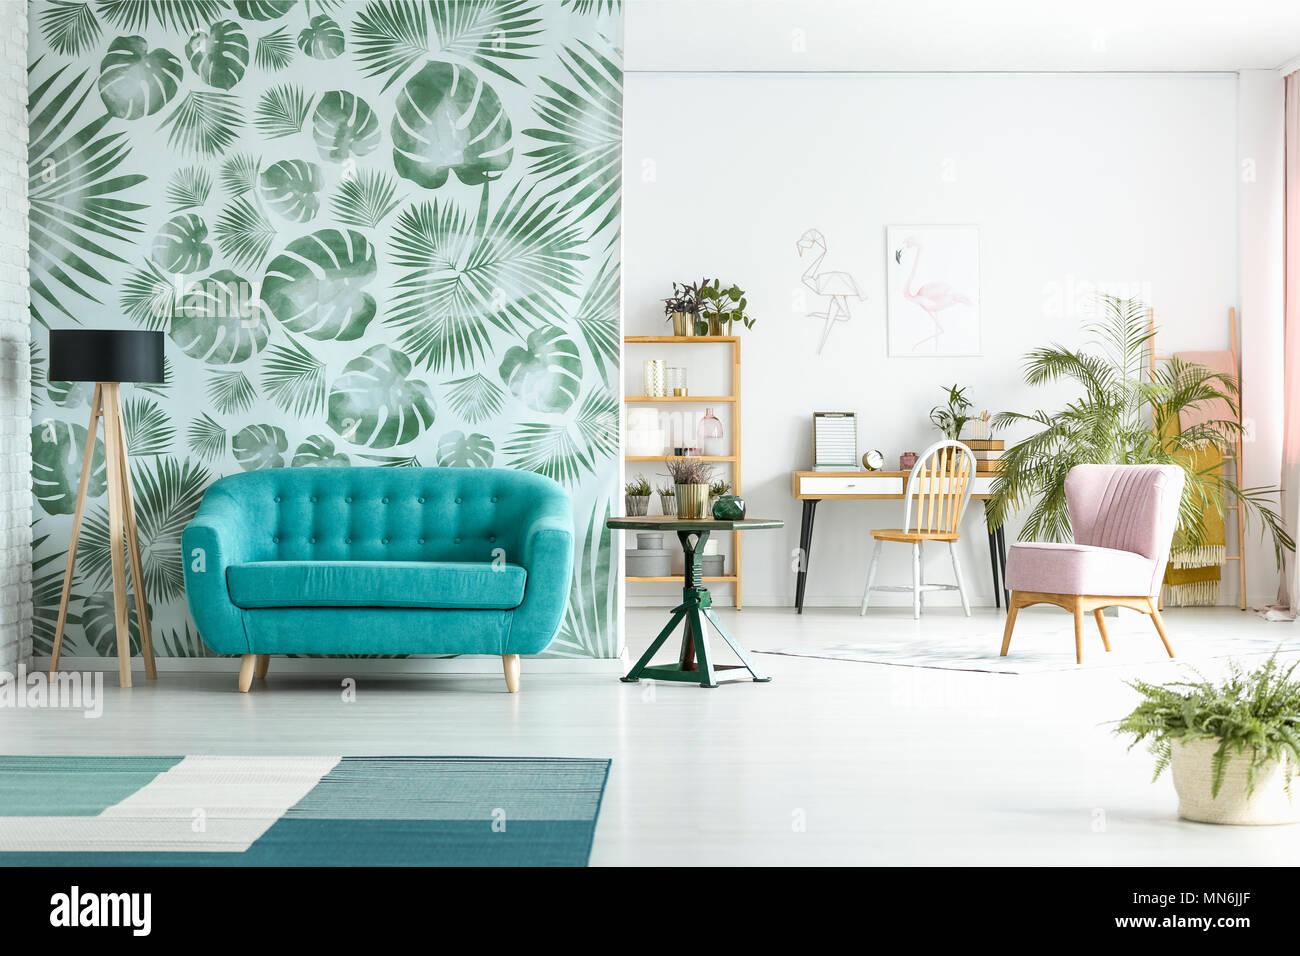 Geraumiges Zimmer Mit Lampe Neben Blaue Couch Gegen Grune Tapeten